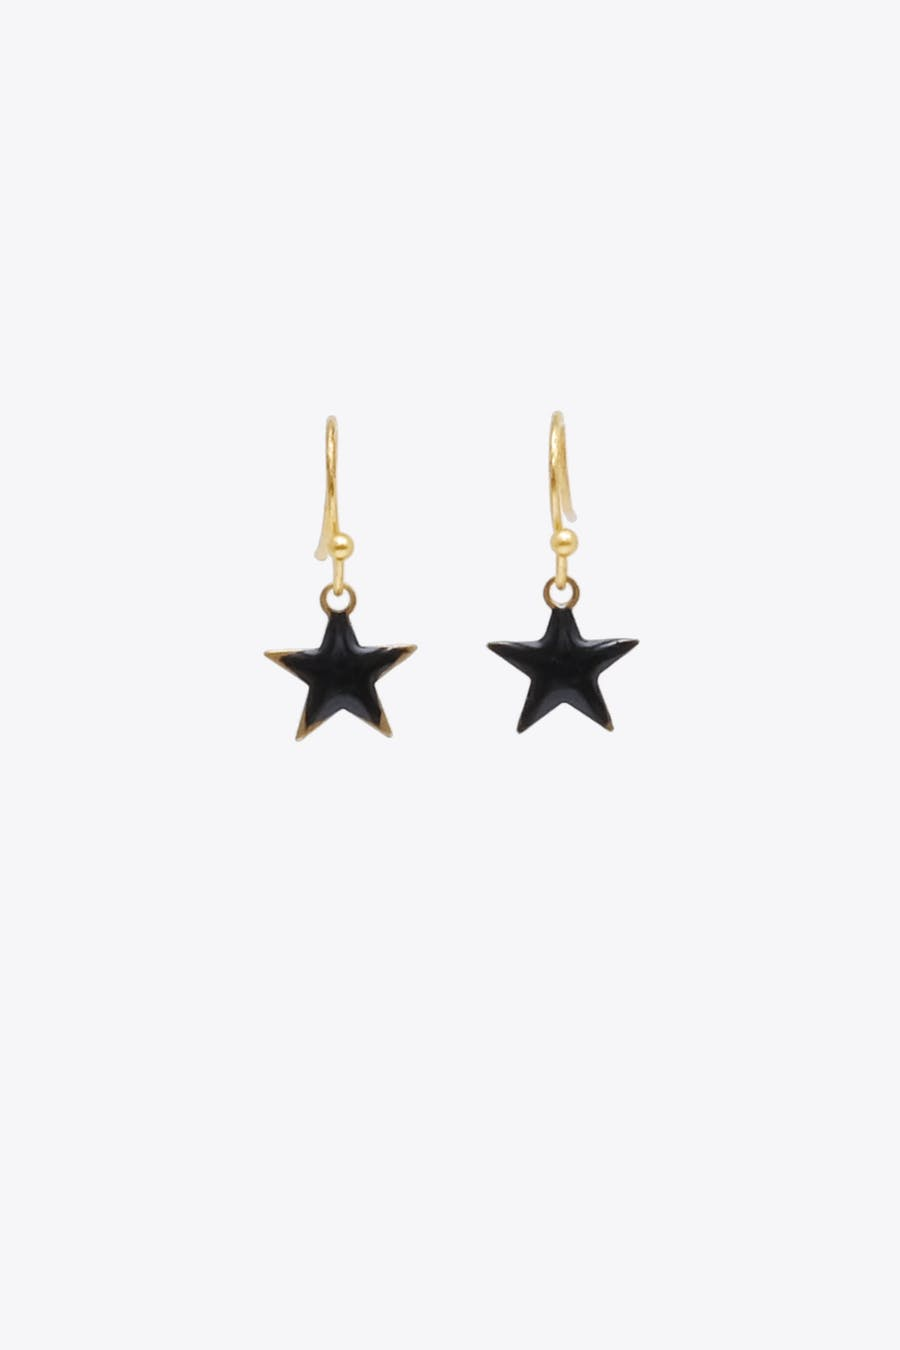 Pendiente estrella negra esmaltada